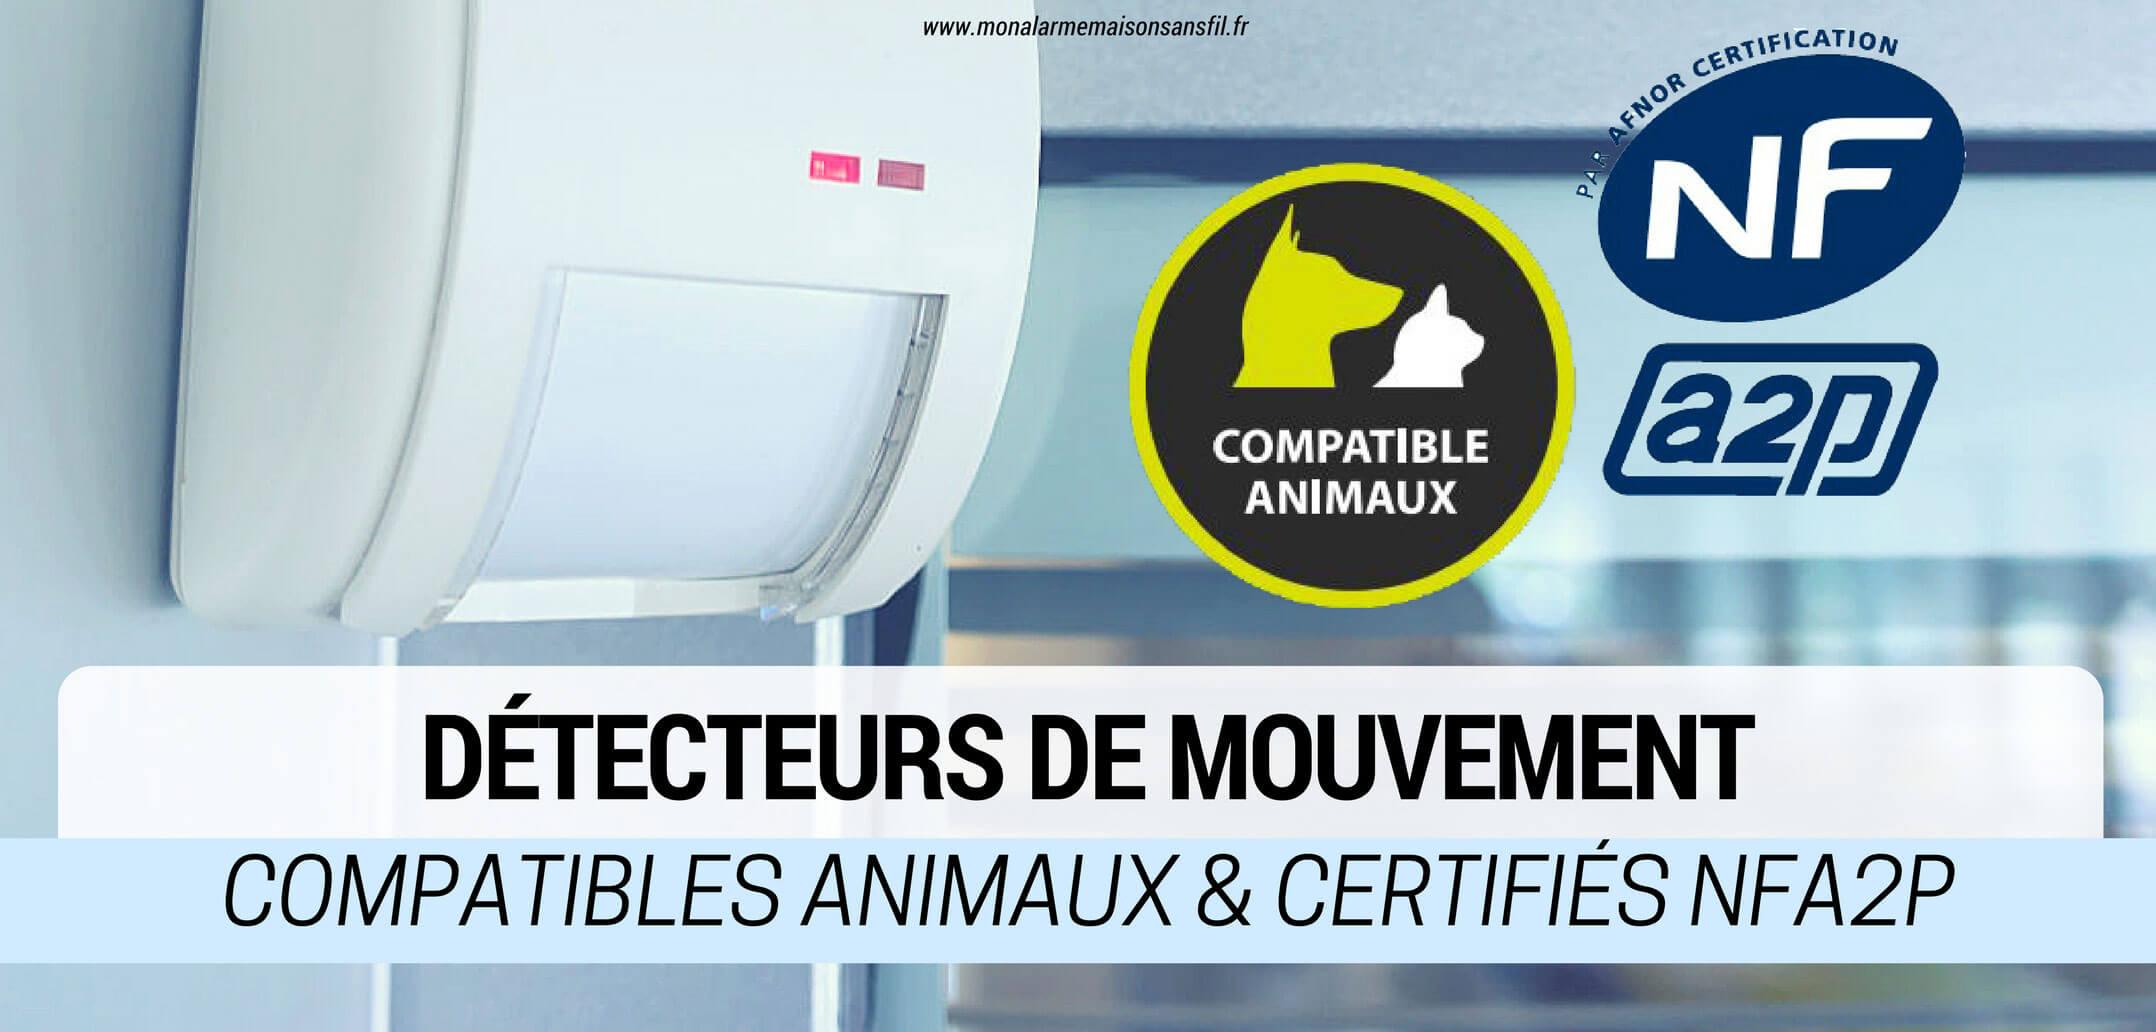 Comparatif Alarme Maison Sans Fil : comparatif d tecteurs de mouvement pour animaux certifi s ~ Energa-lb.com Idées de Décoration